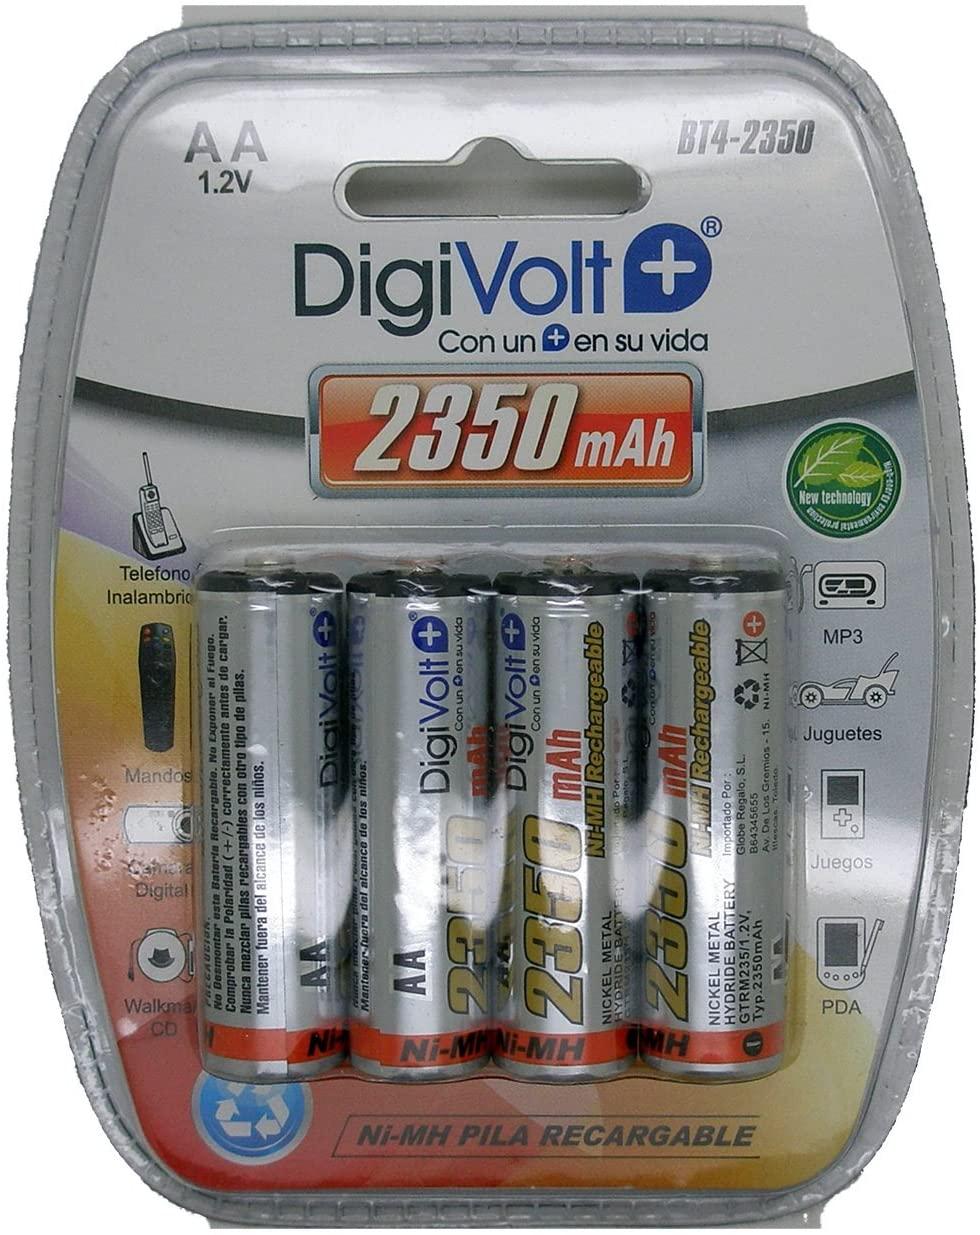 DIGIVOLT BT4-2350 PILAS RECARGABLES LR06 AA (PACK DE 4)